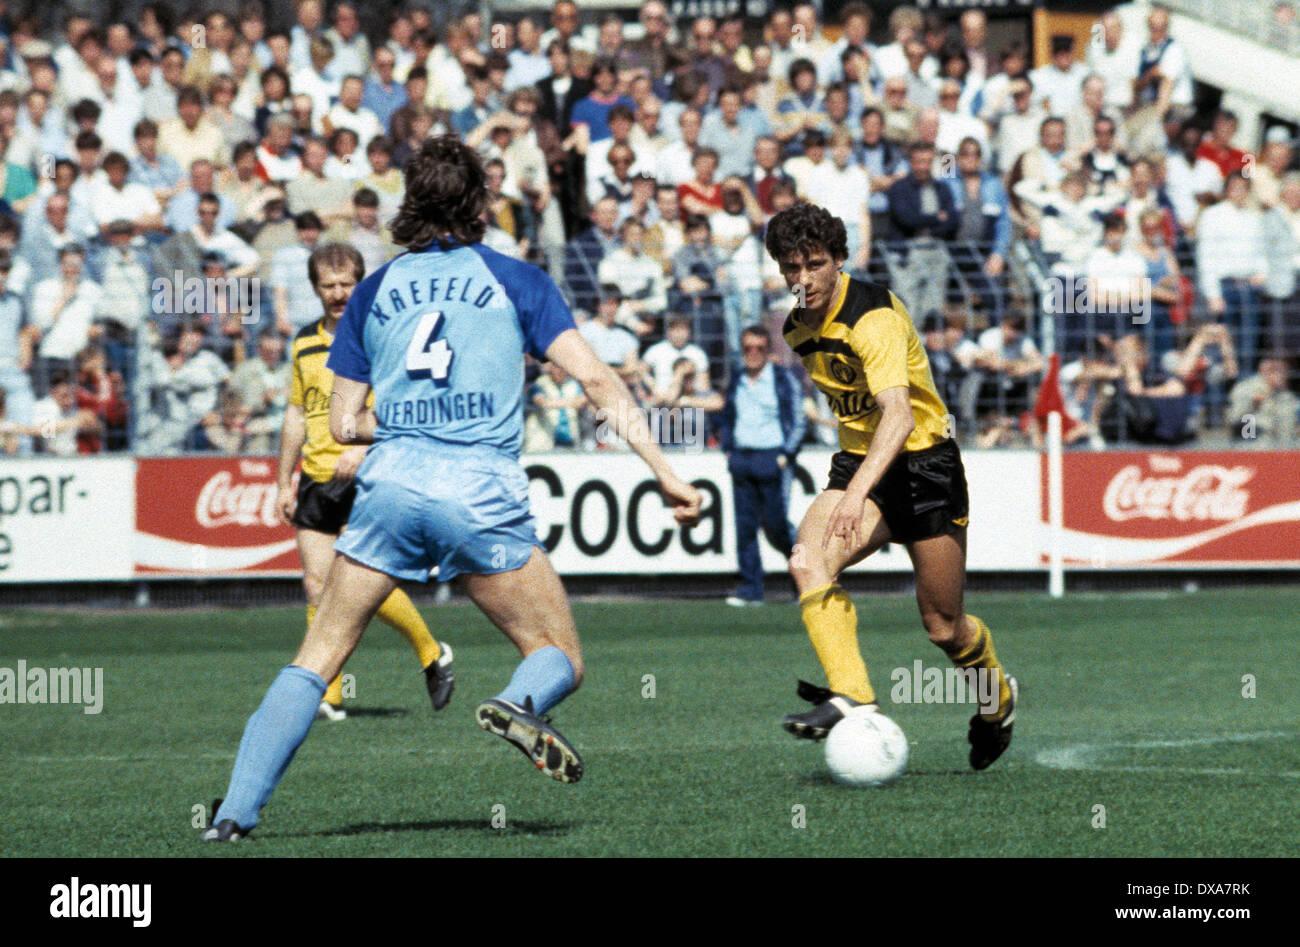 football, Bundesliga, 1983/1984, Grotenburg Stadium, FC Bayer 05 Uerdingen versus Borussia Dortmund 2:1, scene of the match, Erdal Keser (BVB) in ball possession, left Dietmar Klinger (Bayer) No.4 - Stock Image